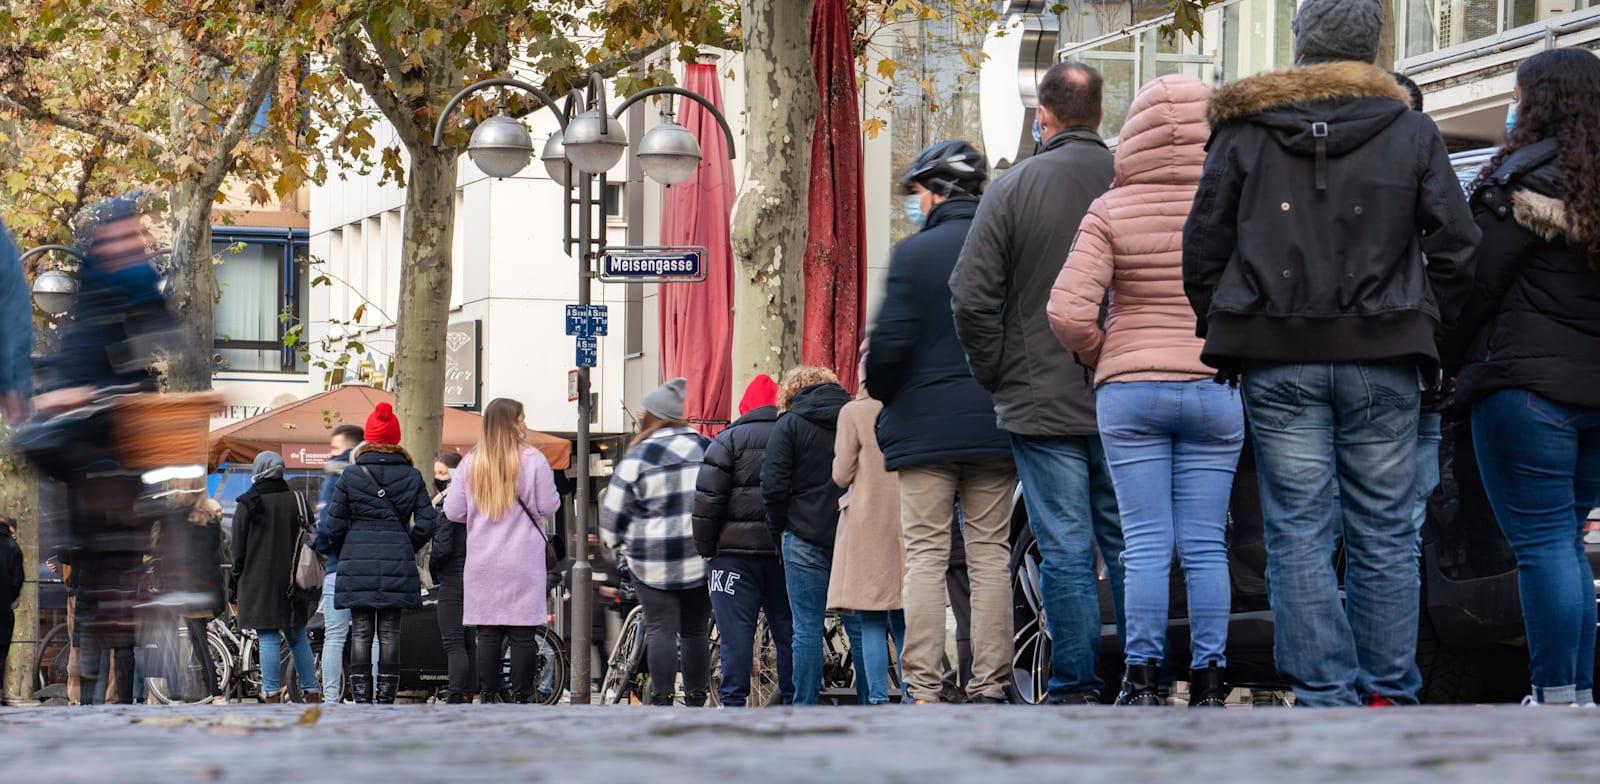 תורים ארוכים לבתי עסק בגרמניה לקראת סגר שהולך להיות מוטל על המדינה / צילום: Associated Press, Frank Rumpenhorst